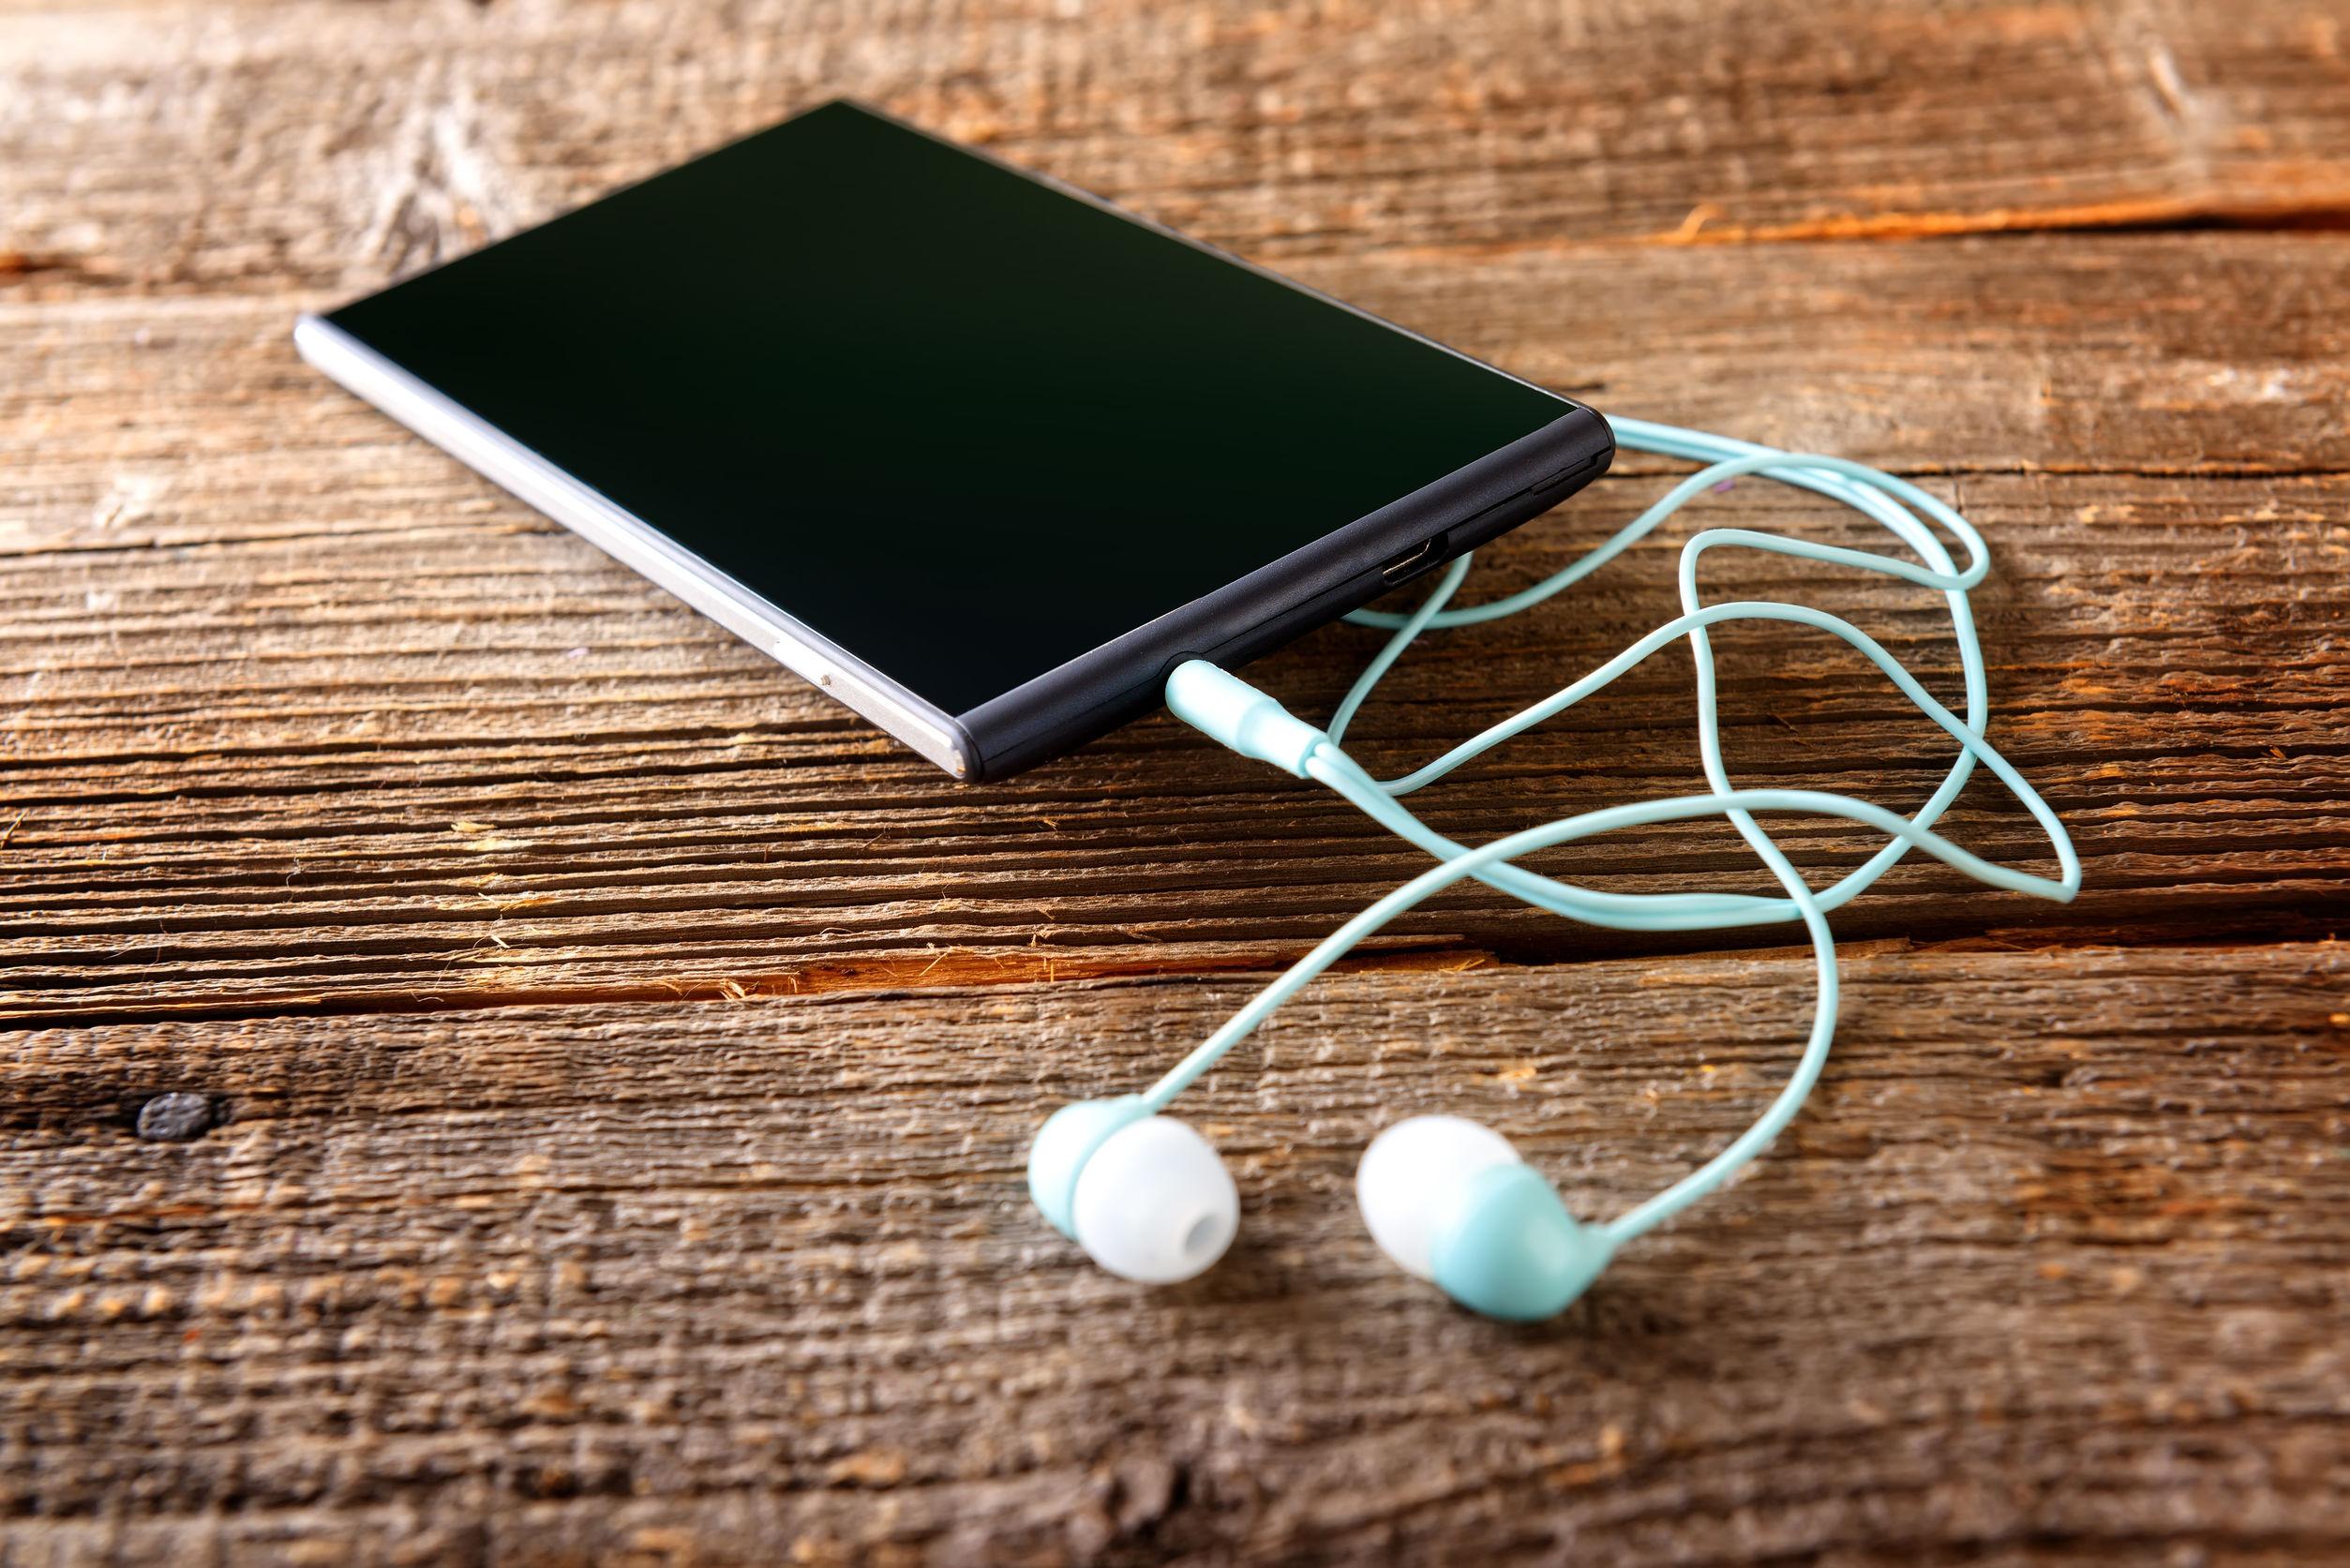 Reproductor MP3: ¿Cuál es el mejor del 2021?